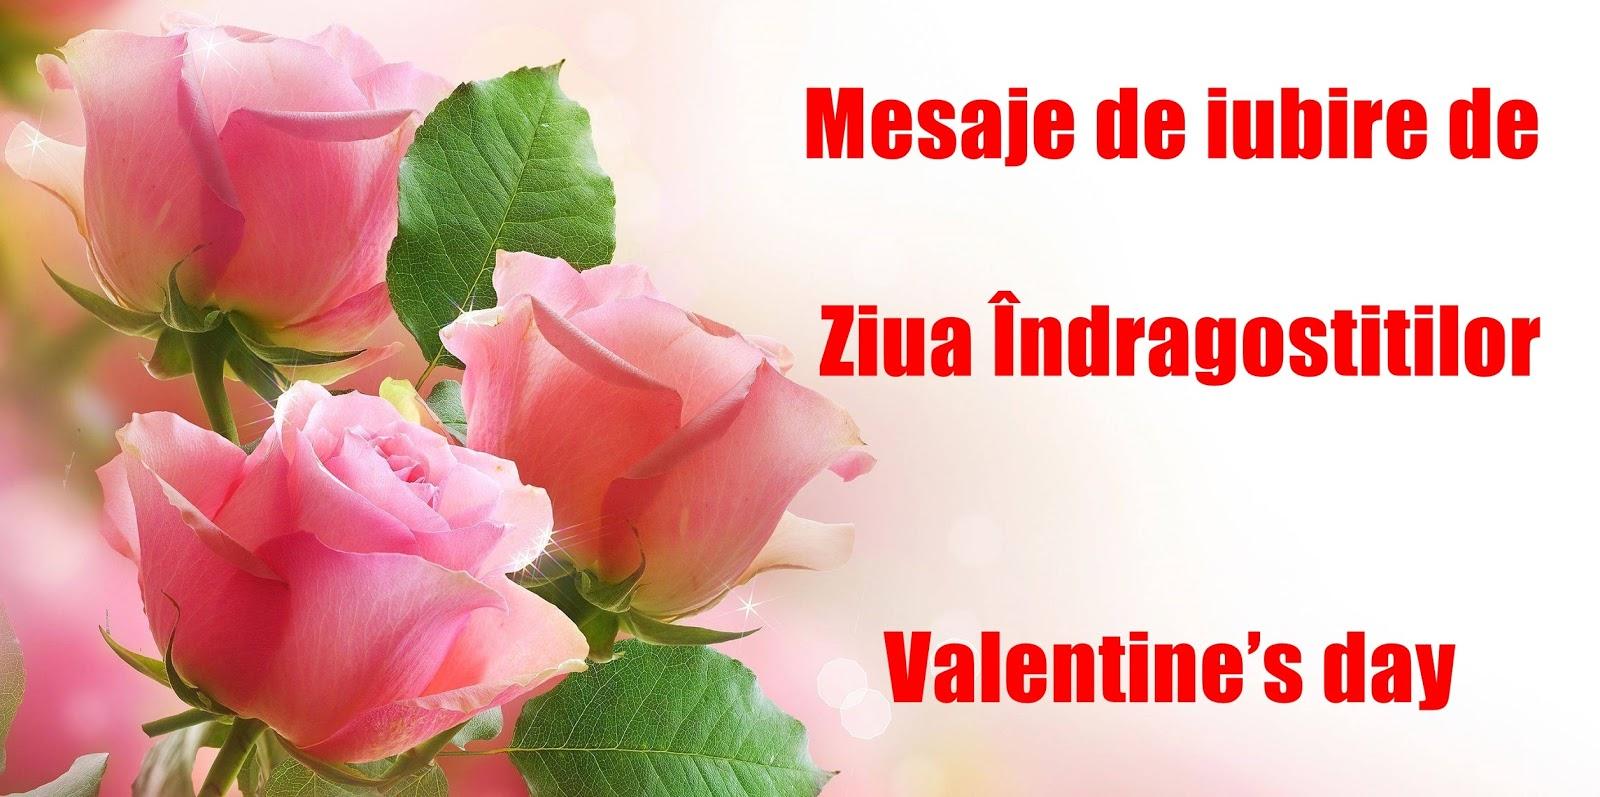 Mesaje de iubire de Ziua Îndrăgostiţilor (Valentine's day) 2018